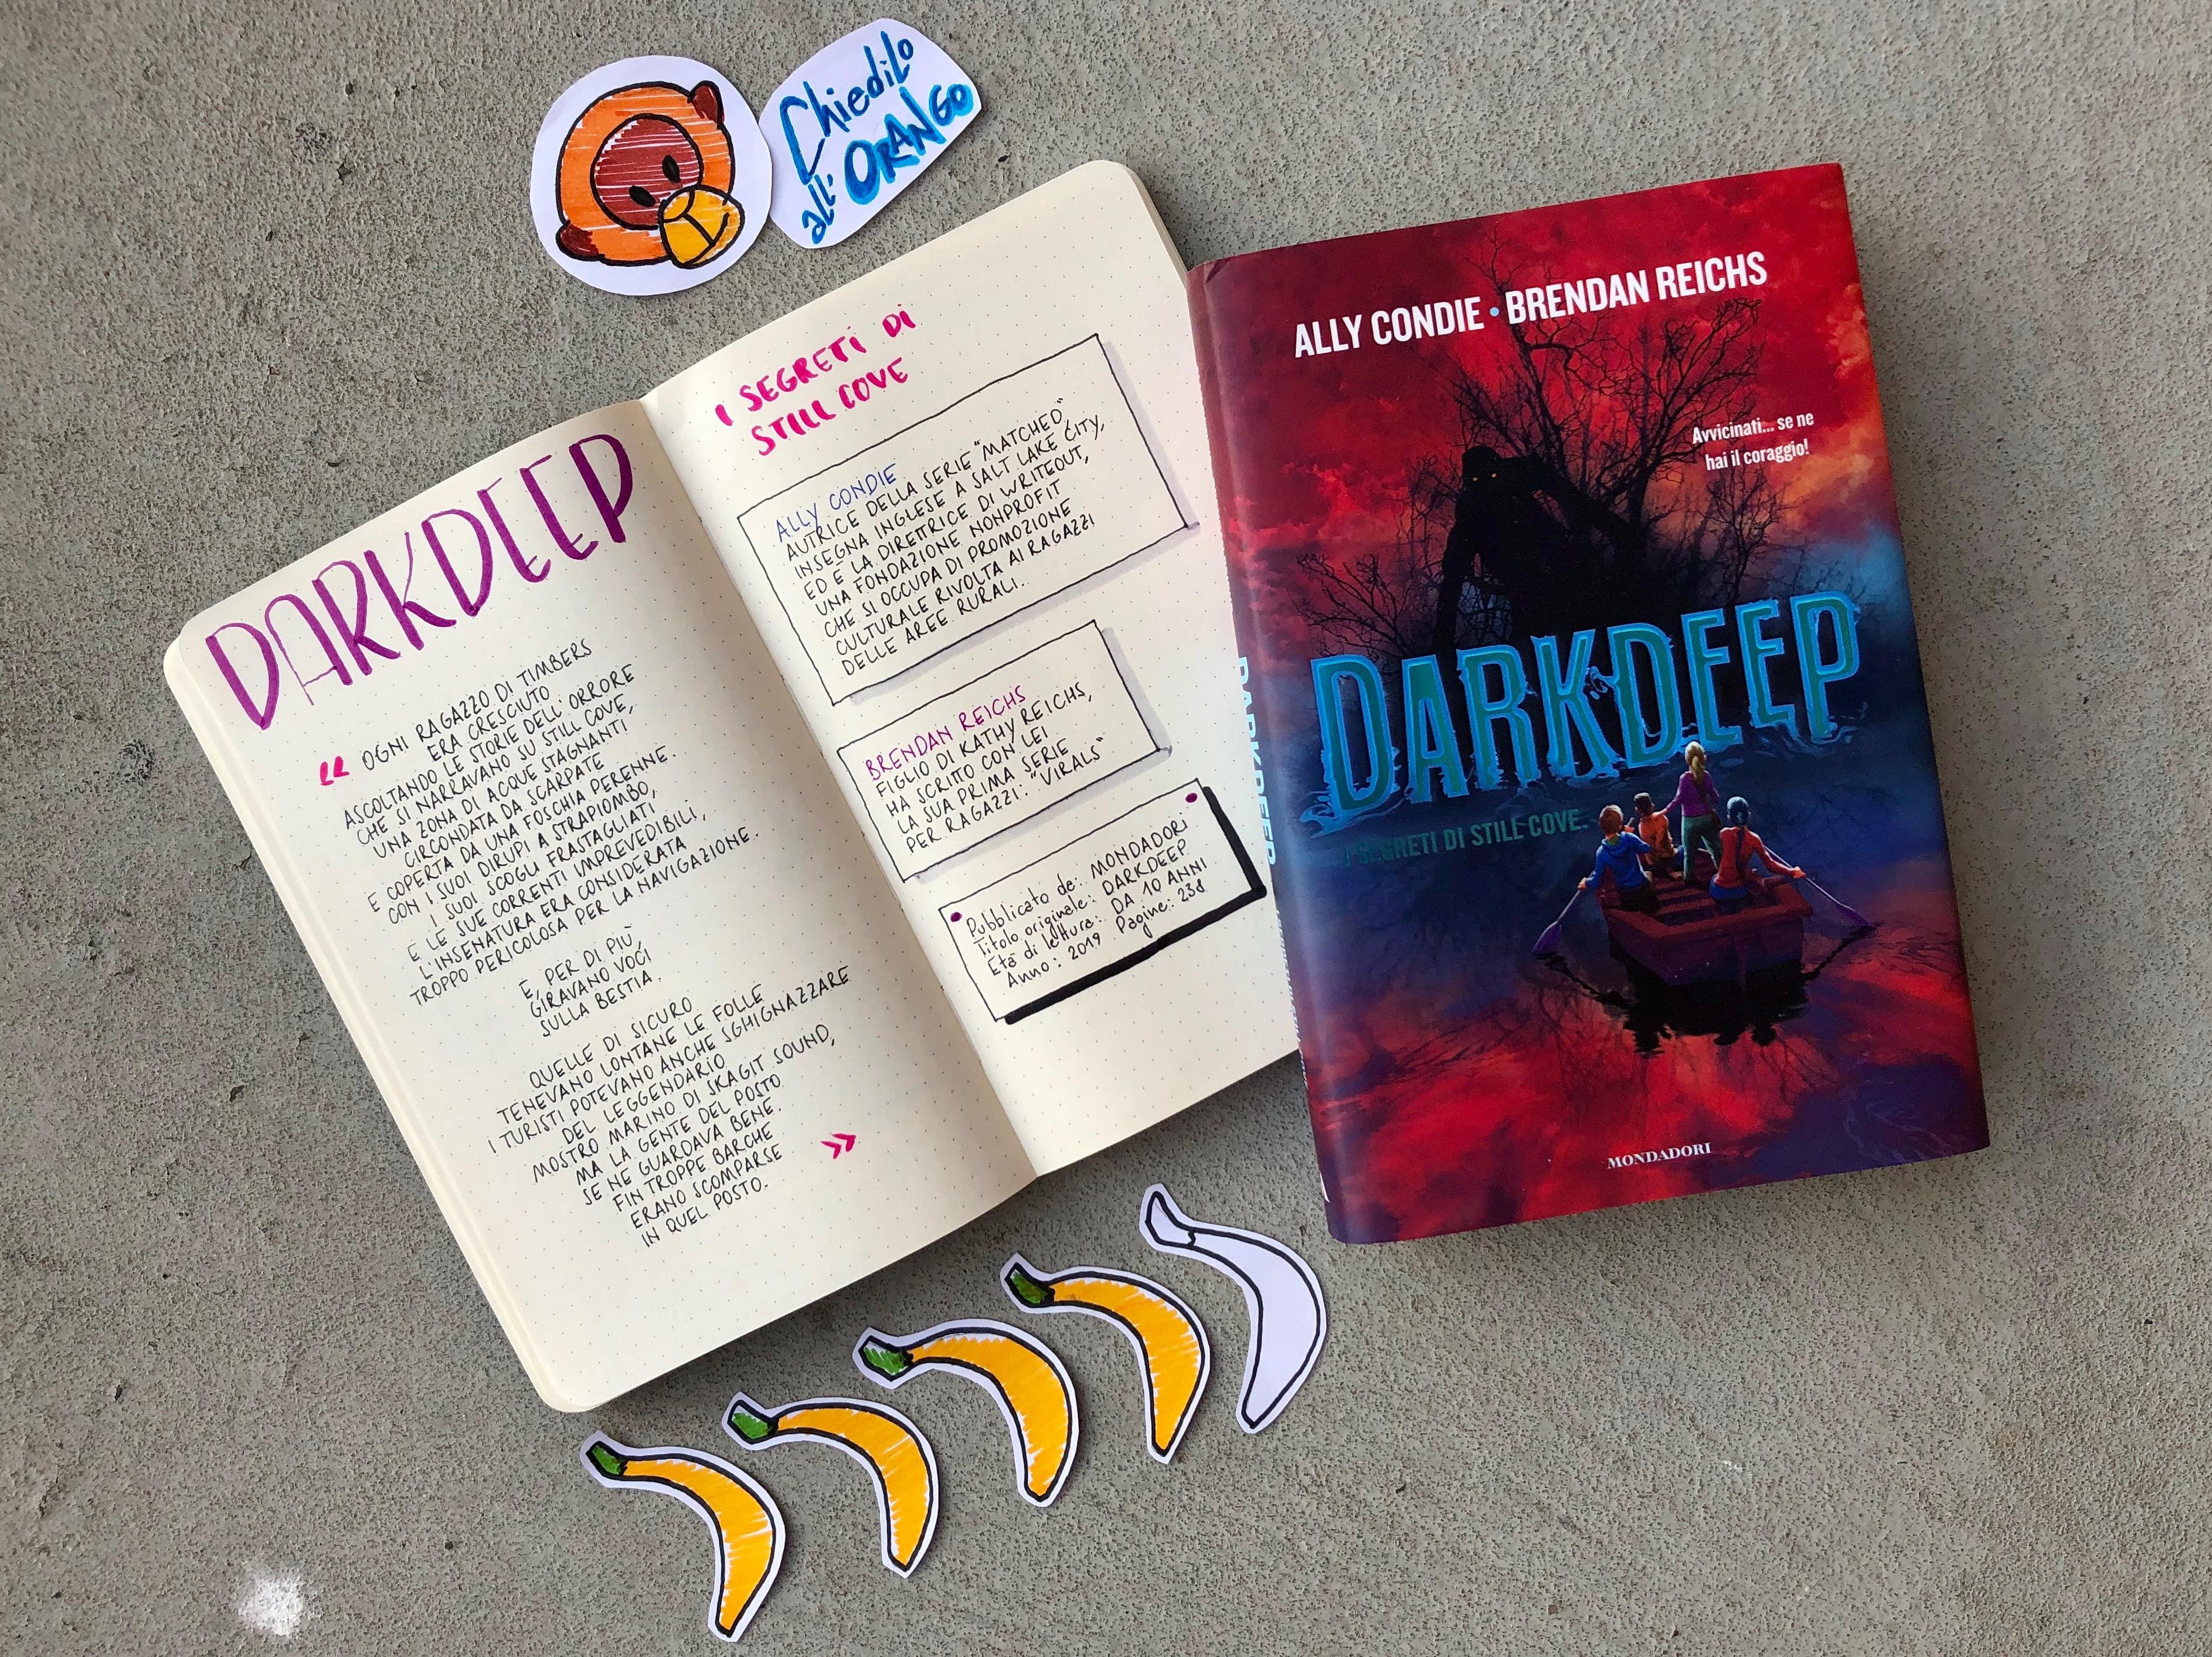 Darkdeep. I segreti di Still Cove - Graphic Review